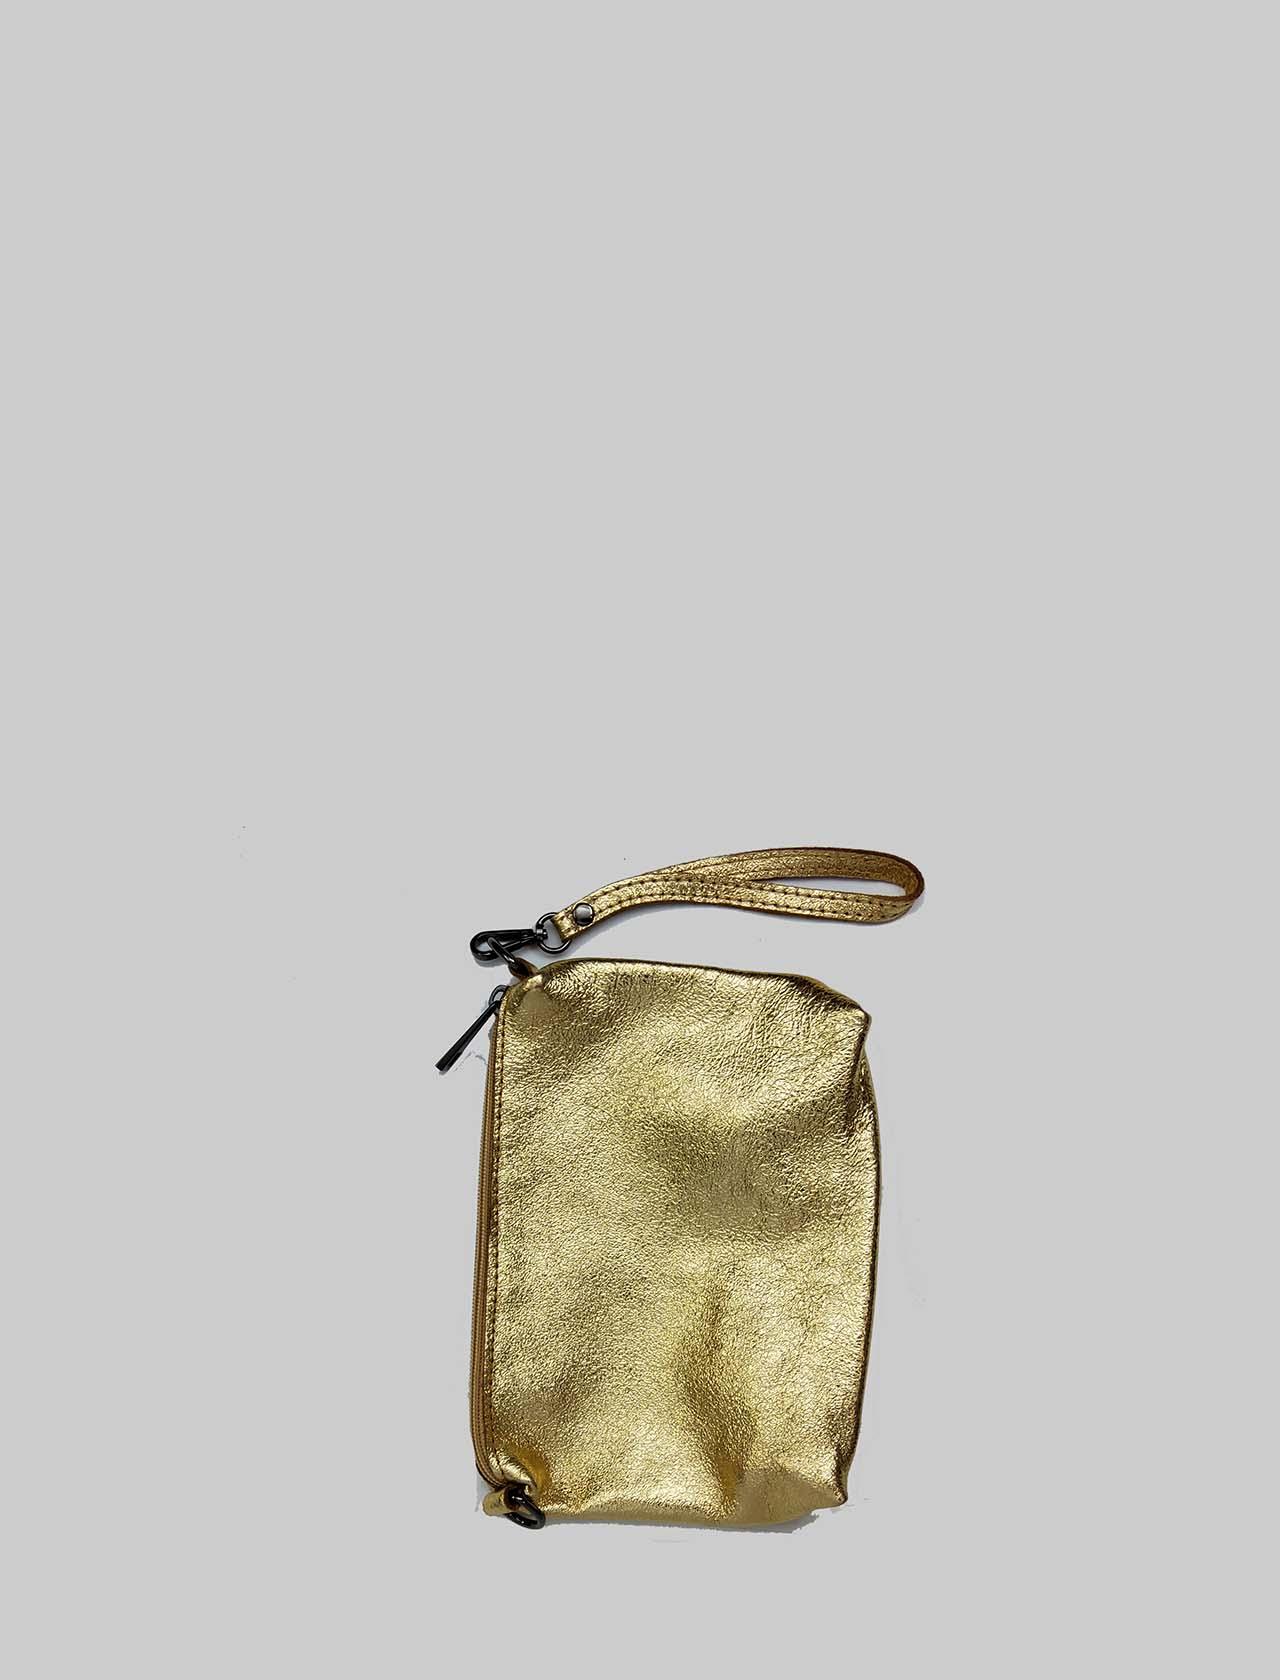 Borse Donna in Pelle Laminata Oro con Manici e Catena Bruniti Porstadocumenti in Tinta Spatarella | Borse e zaini | PE0505602